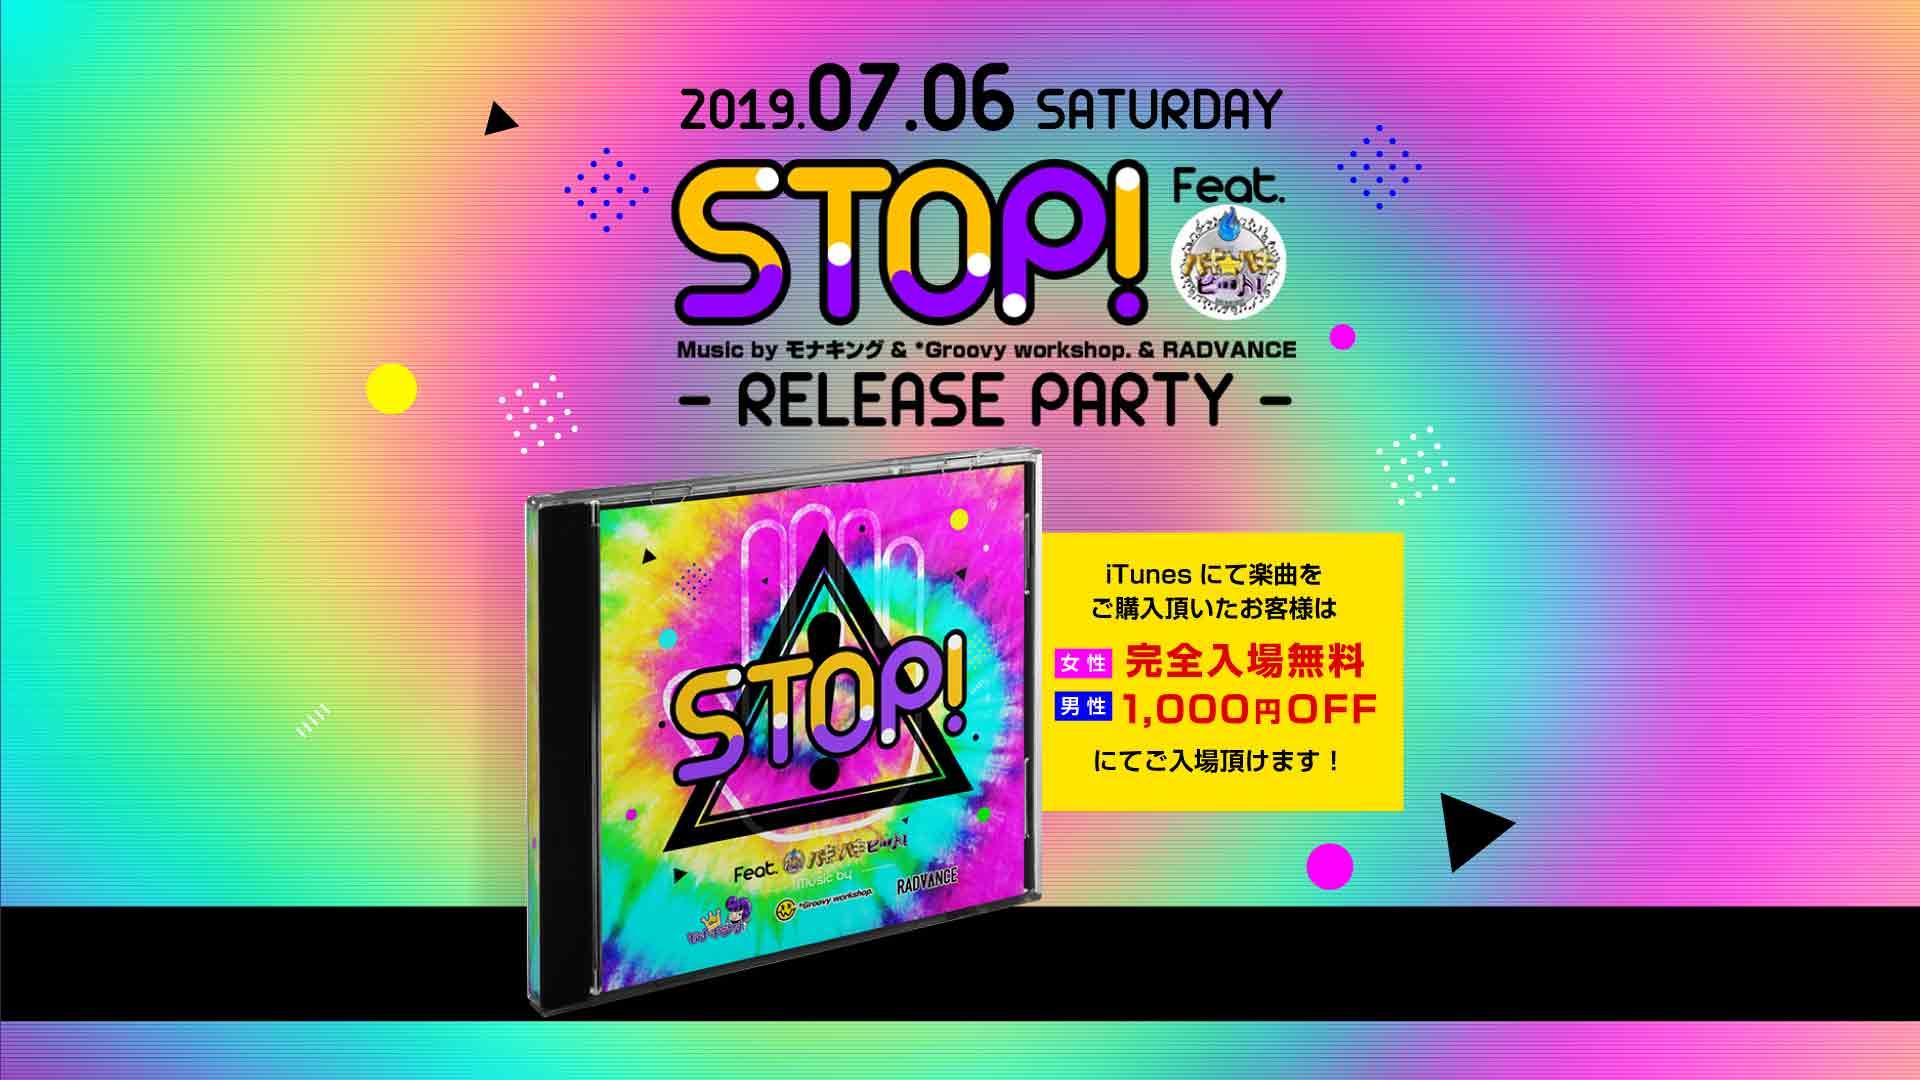 7月6日(土) 『STOP!』Release Party